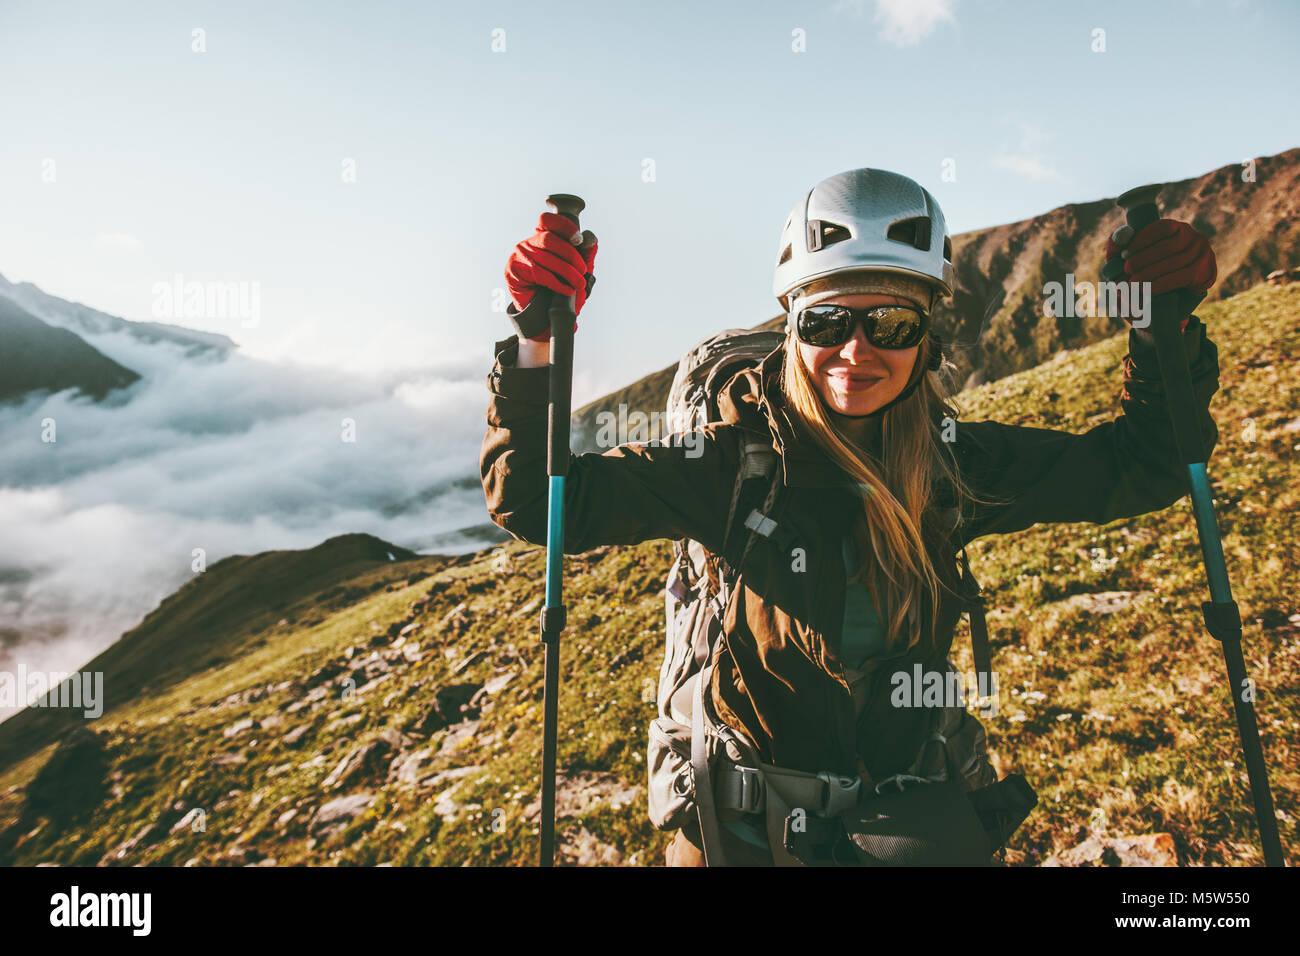 Randonnées en montagne femme Billet de vie sain adventure concept active vacances d'émotions positives Photo Stock